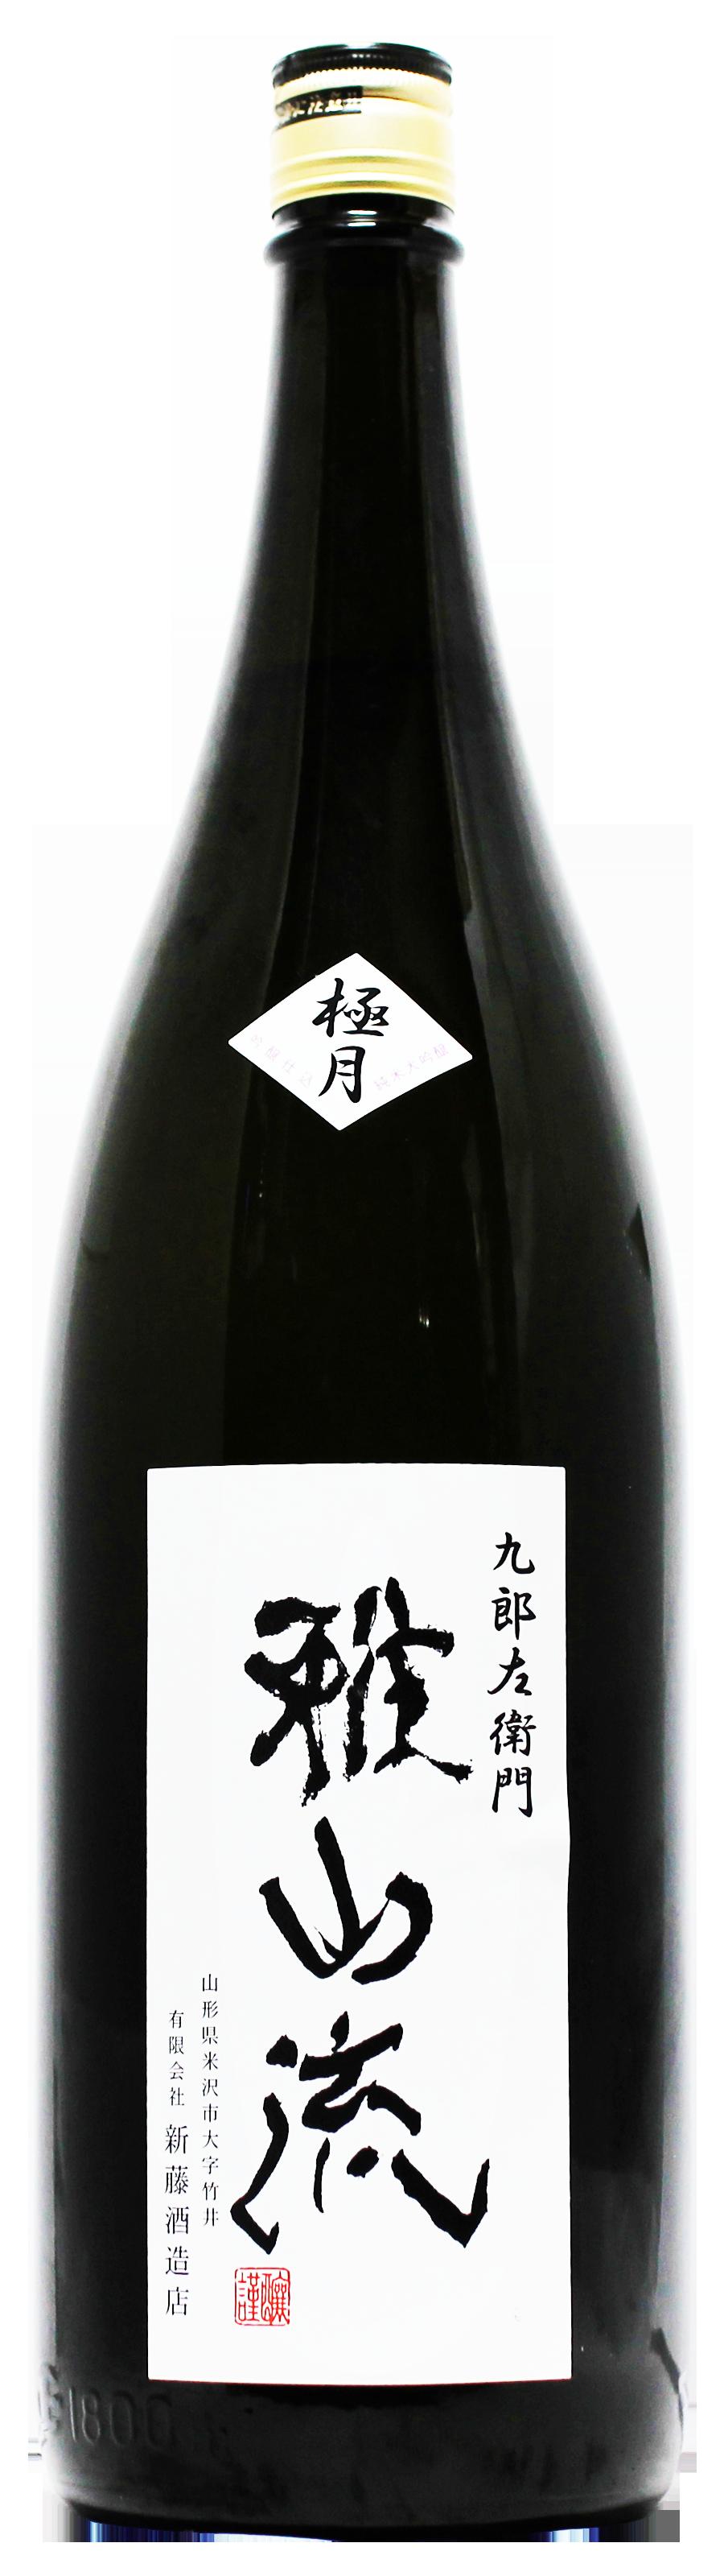 袋取り純米大吟醸 雅山流 極月 1.8L